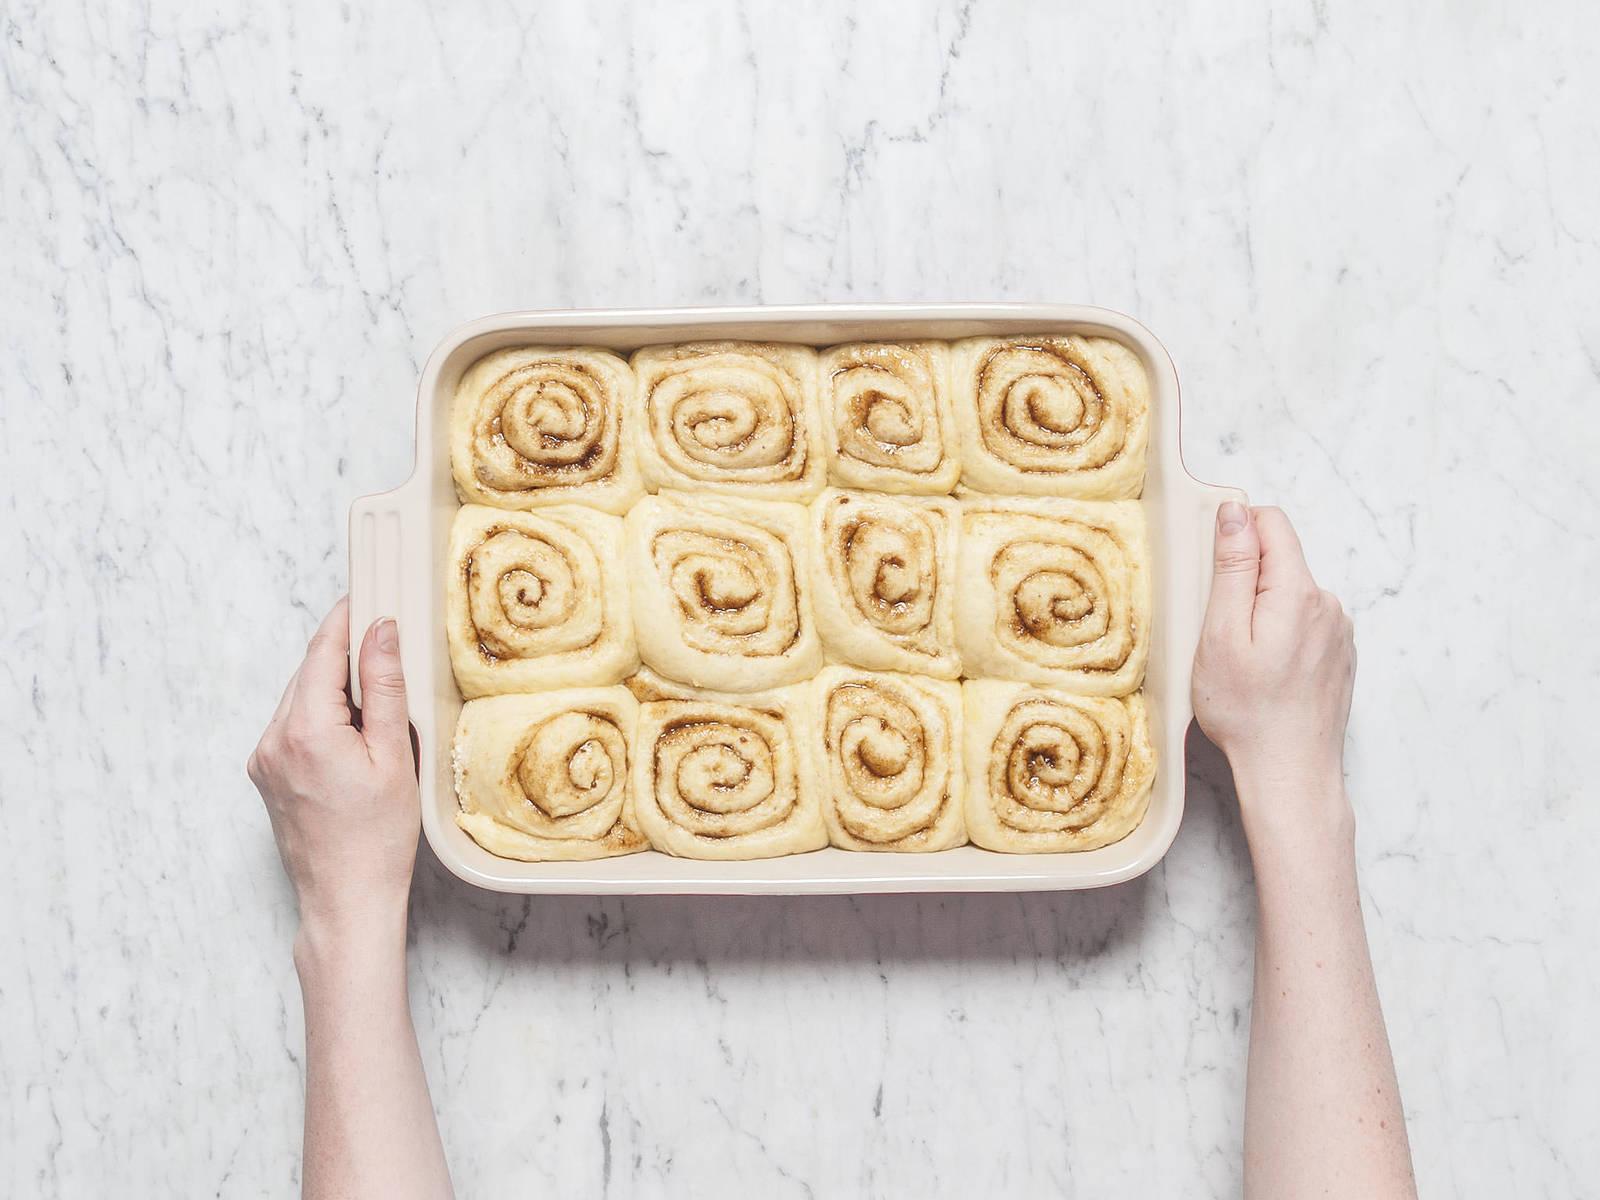 在发酵的同时,将烤箱预热至170℃。放入肉桂卷,烤25分钟,或直至它们变得金黄。从烤箱中取出,放凉10分钟。